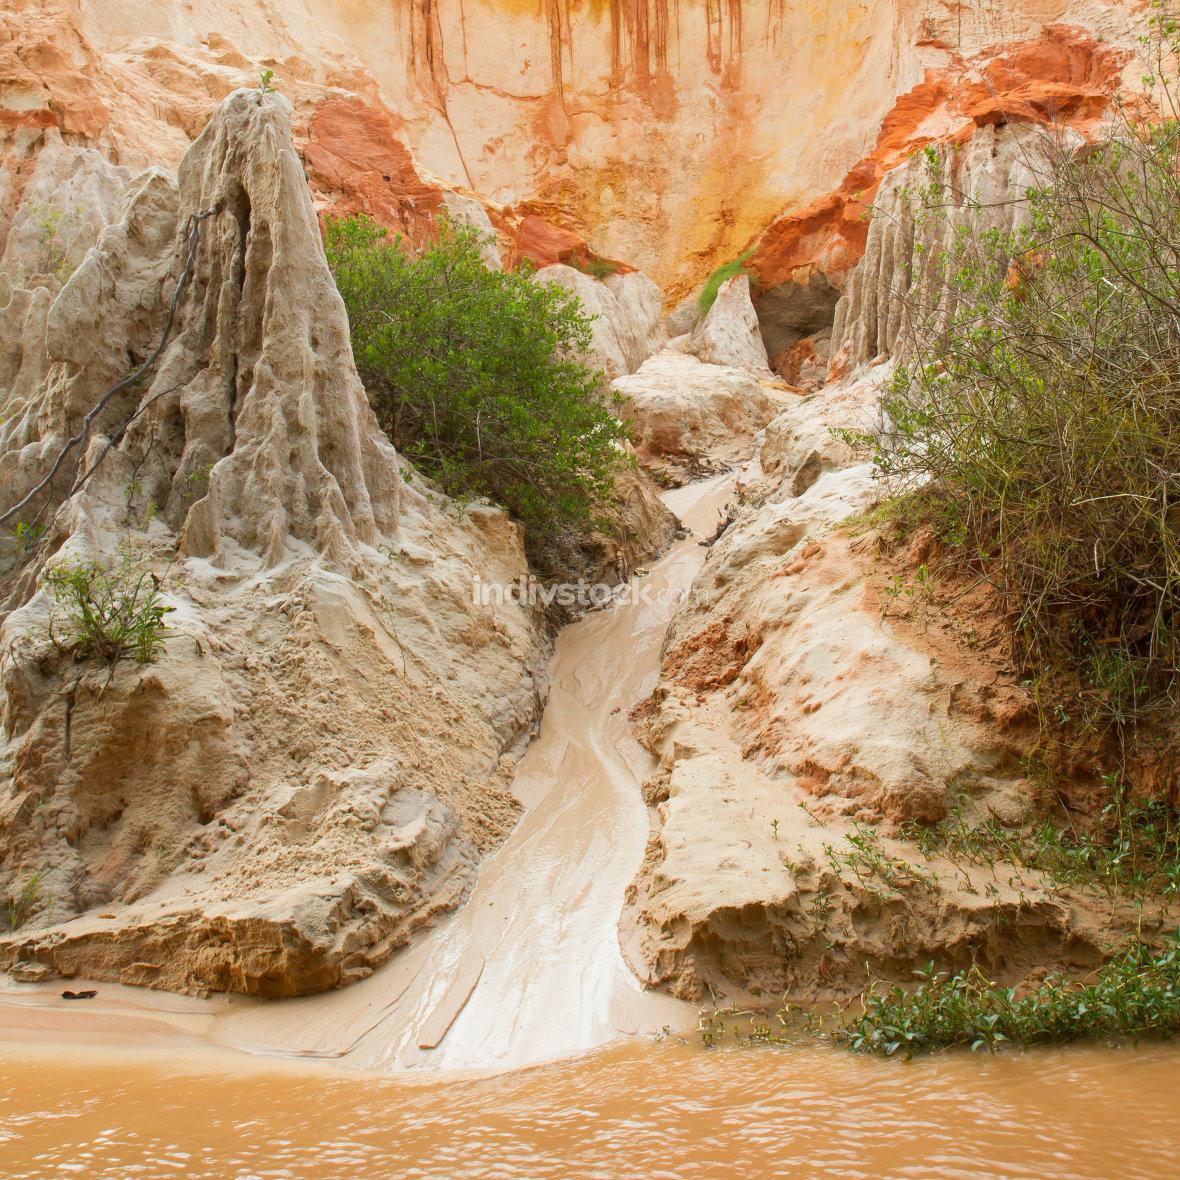 Ham Tien canyon in Vietnam